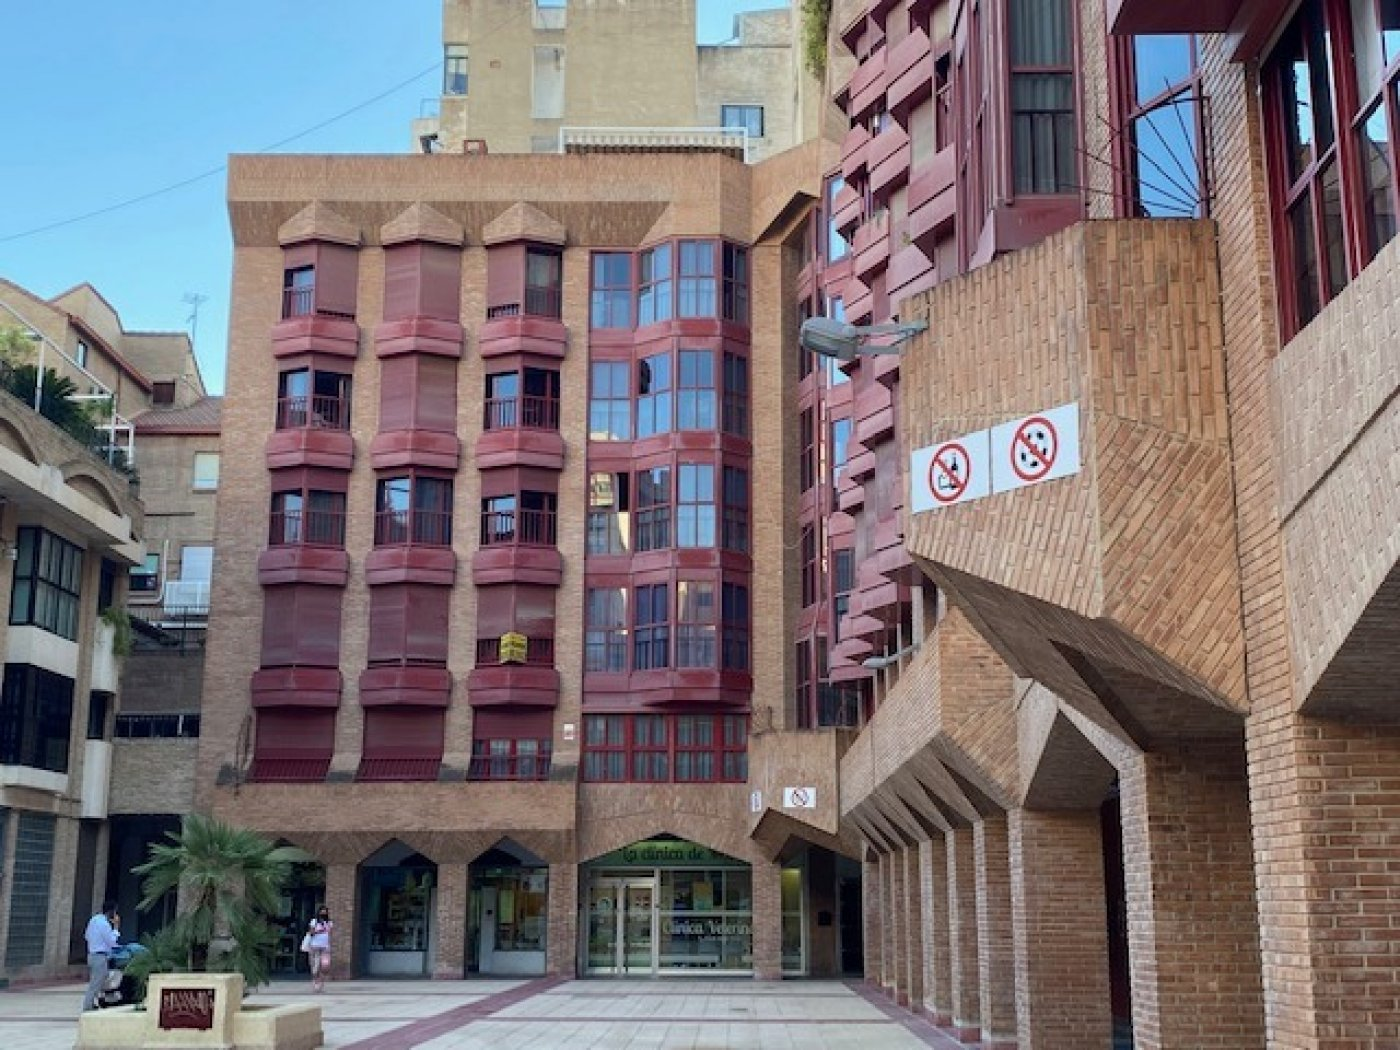 Venta de piso en el centro, detrás de El Corte Inglés de Gran Vía.